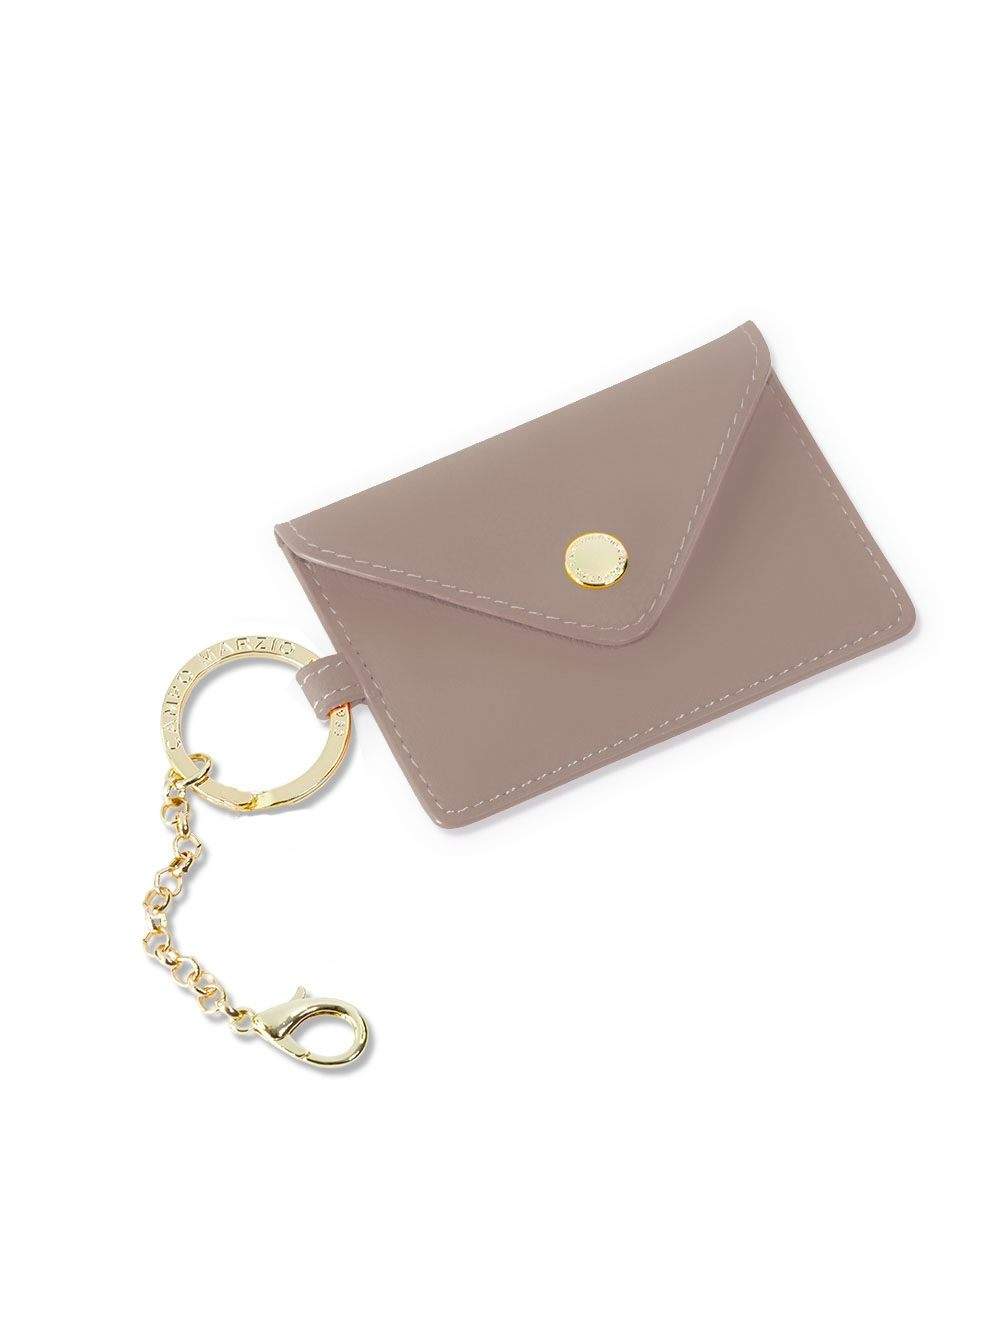 Lev Business Card Holder - Atmosphere Grey